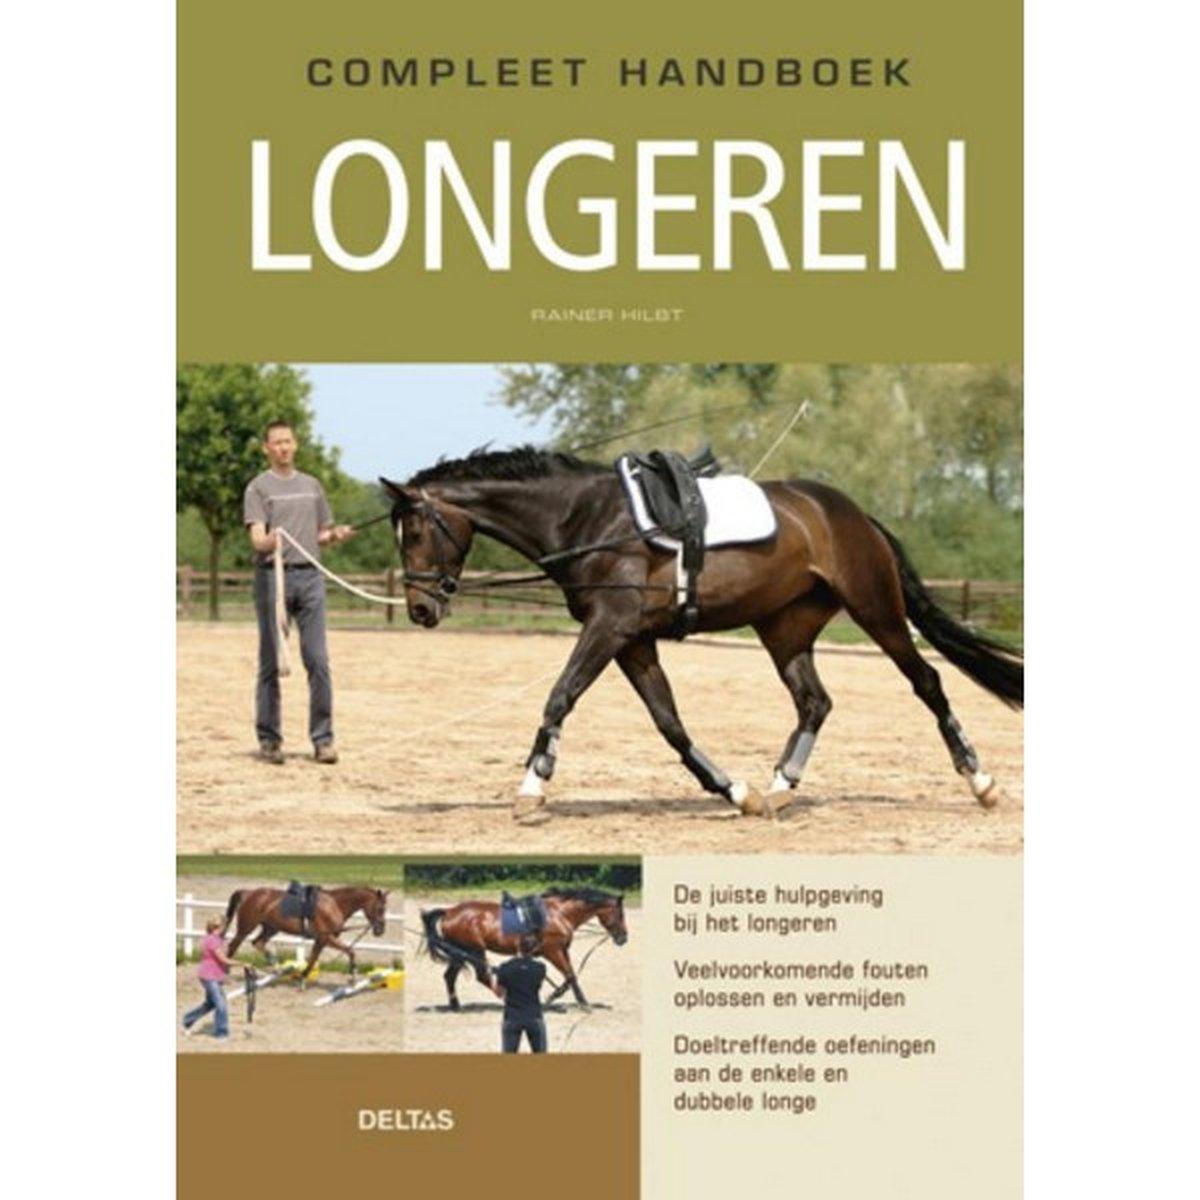 Afbeelding van Compleet handboek longeren